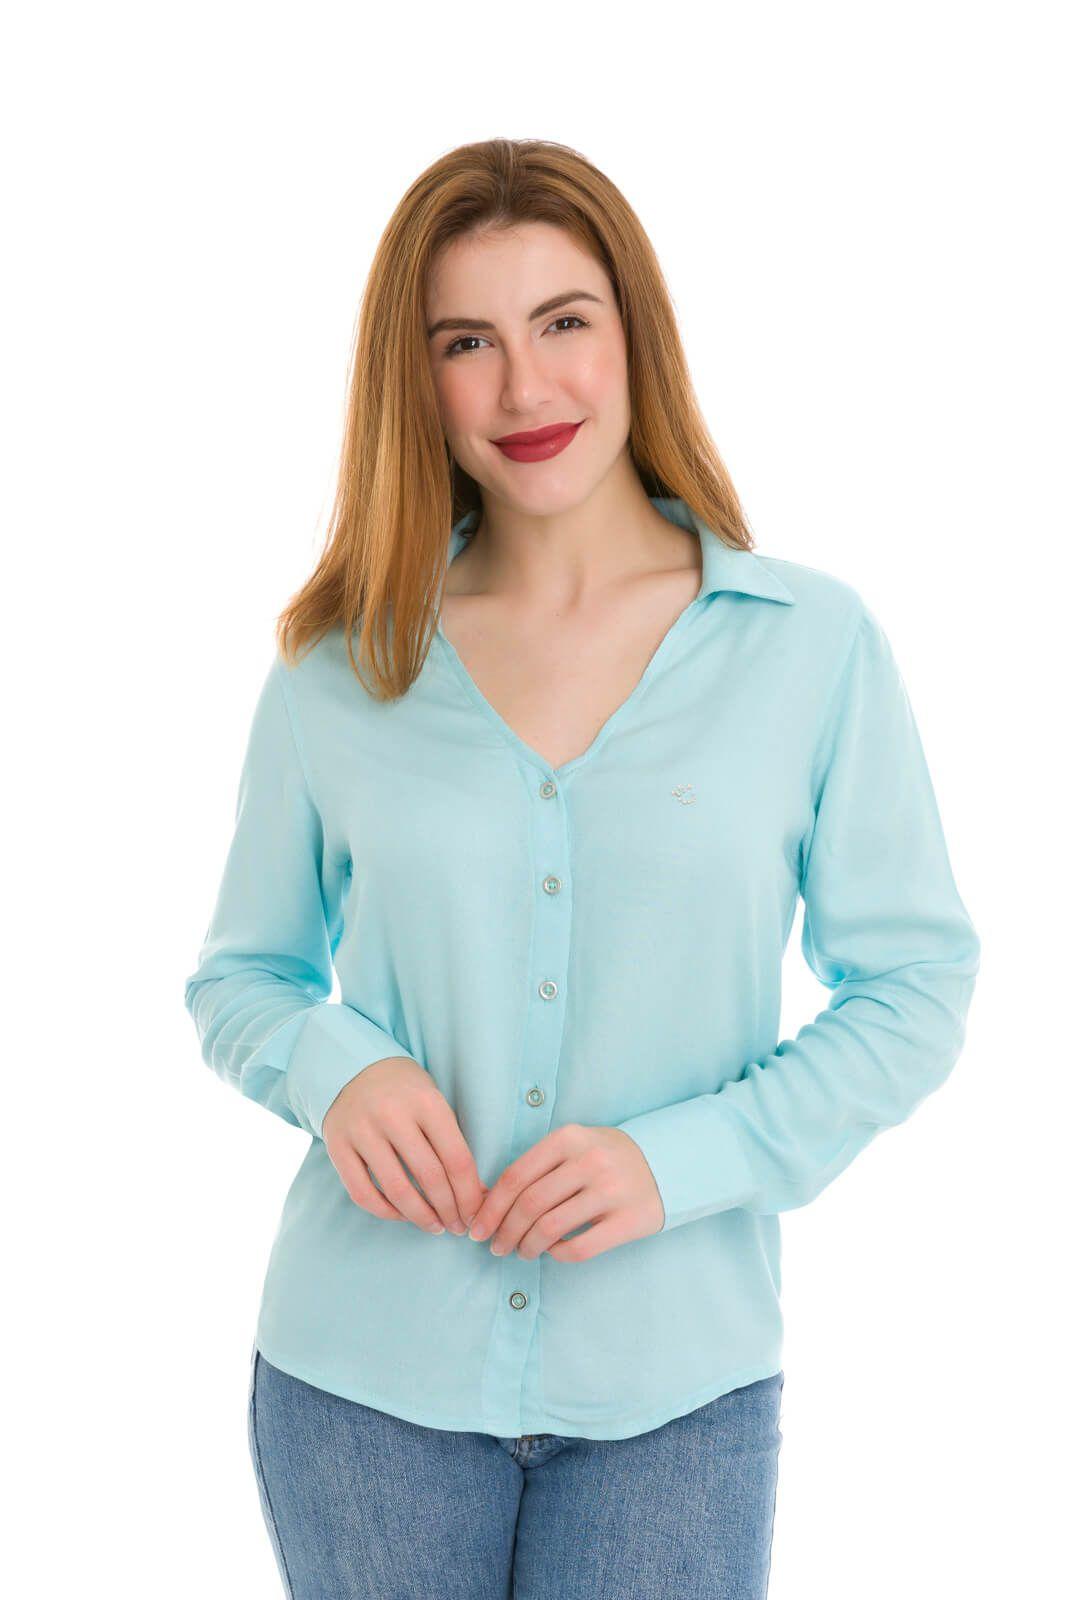 Camisa Camisete Feminino Olimpo Viscose Decote V Manga Longa Azul